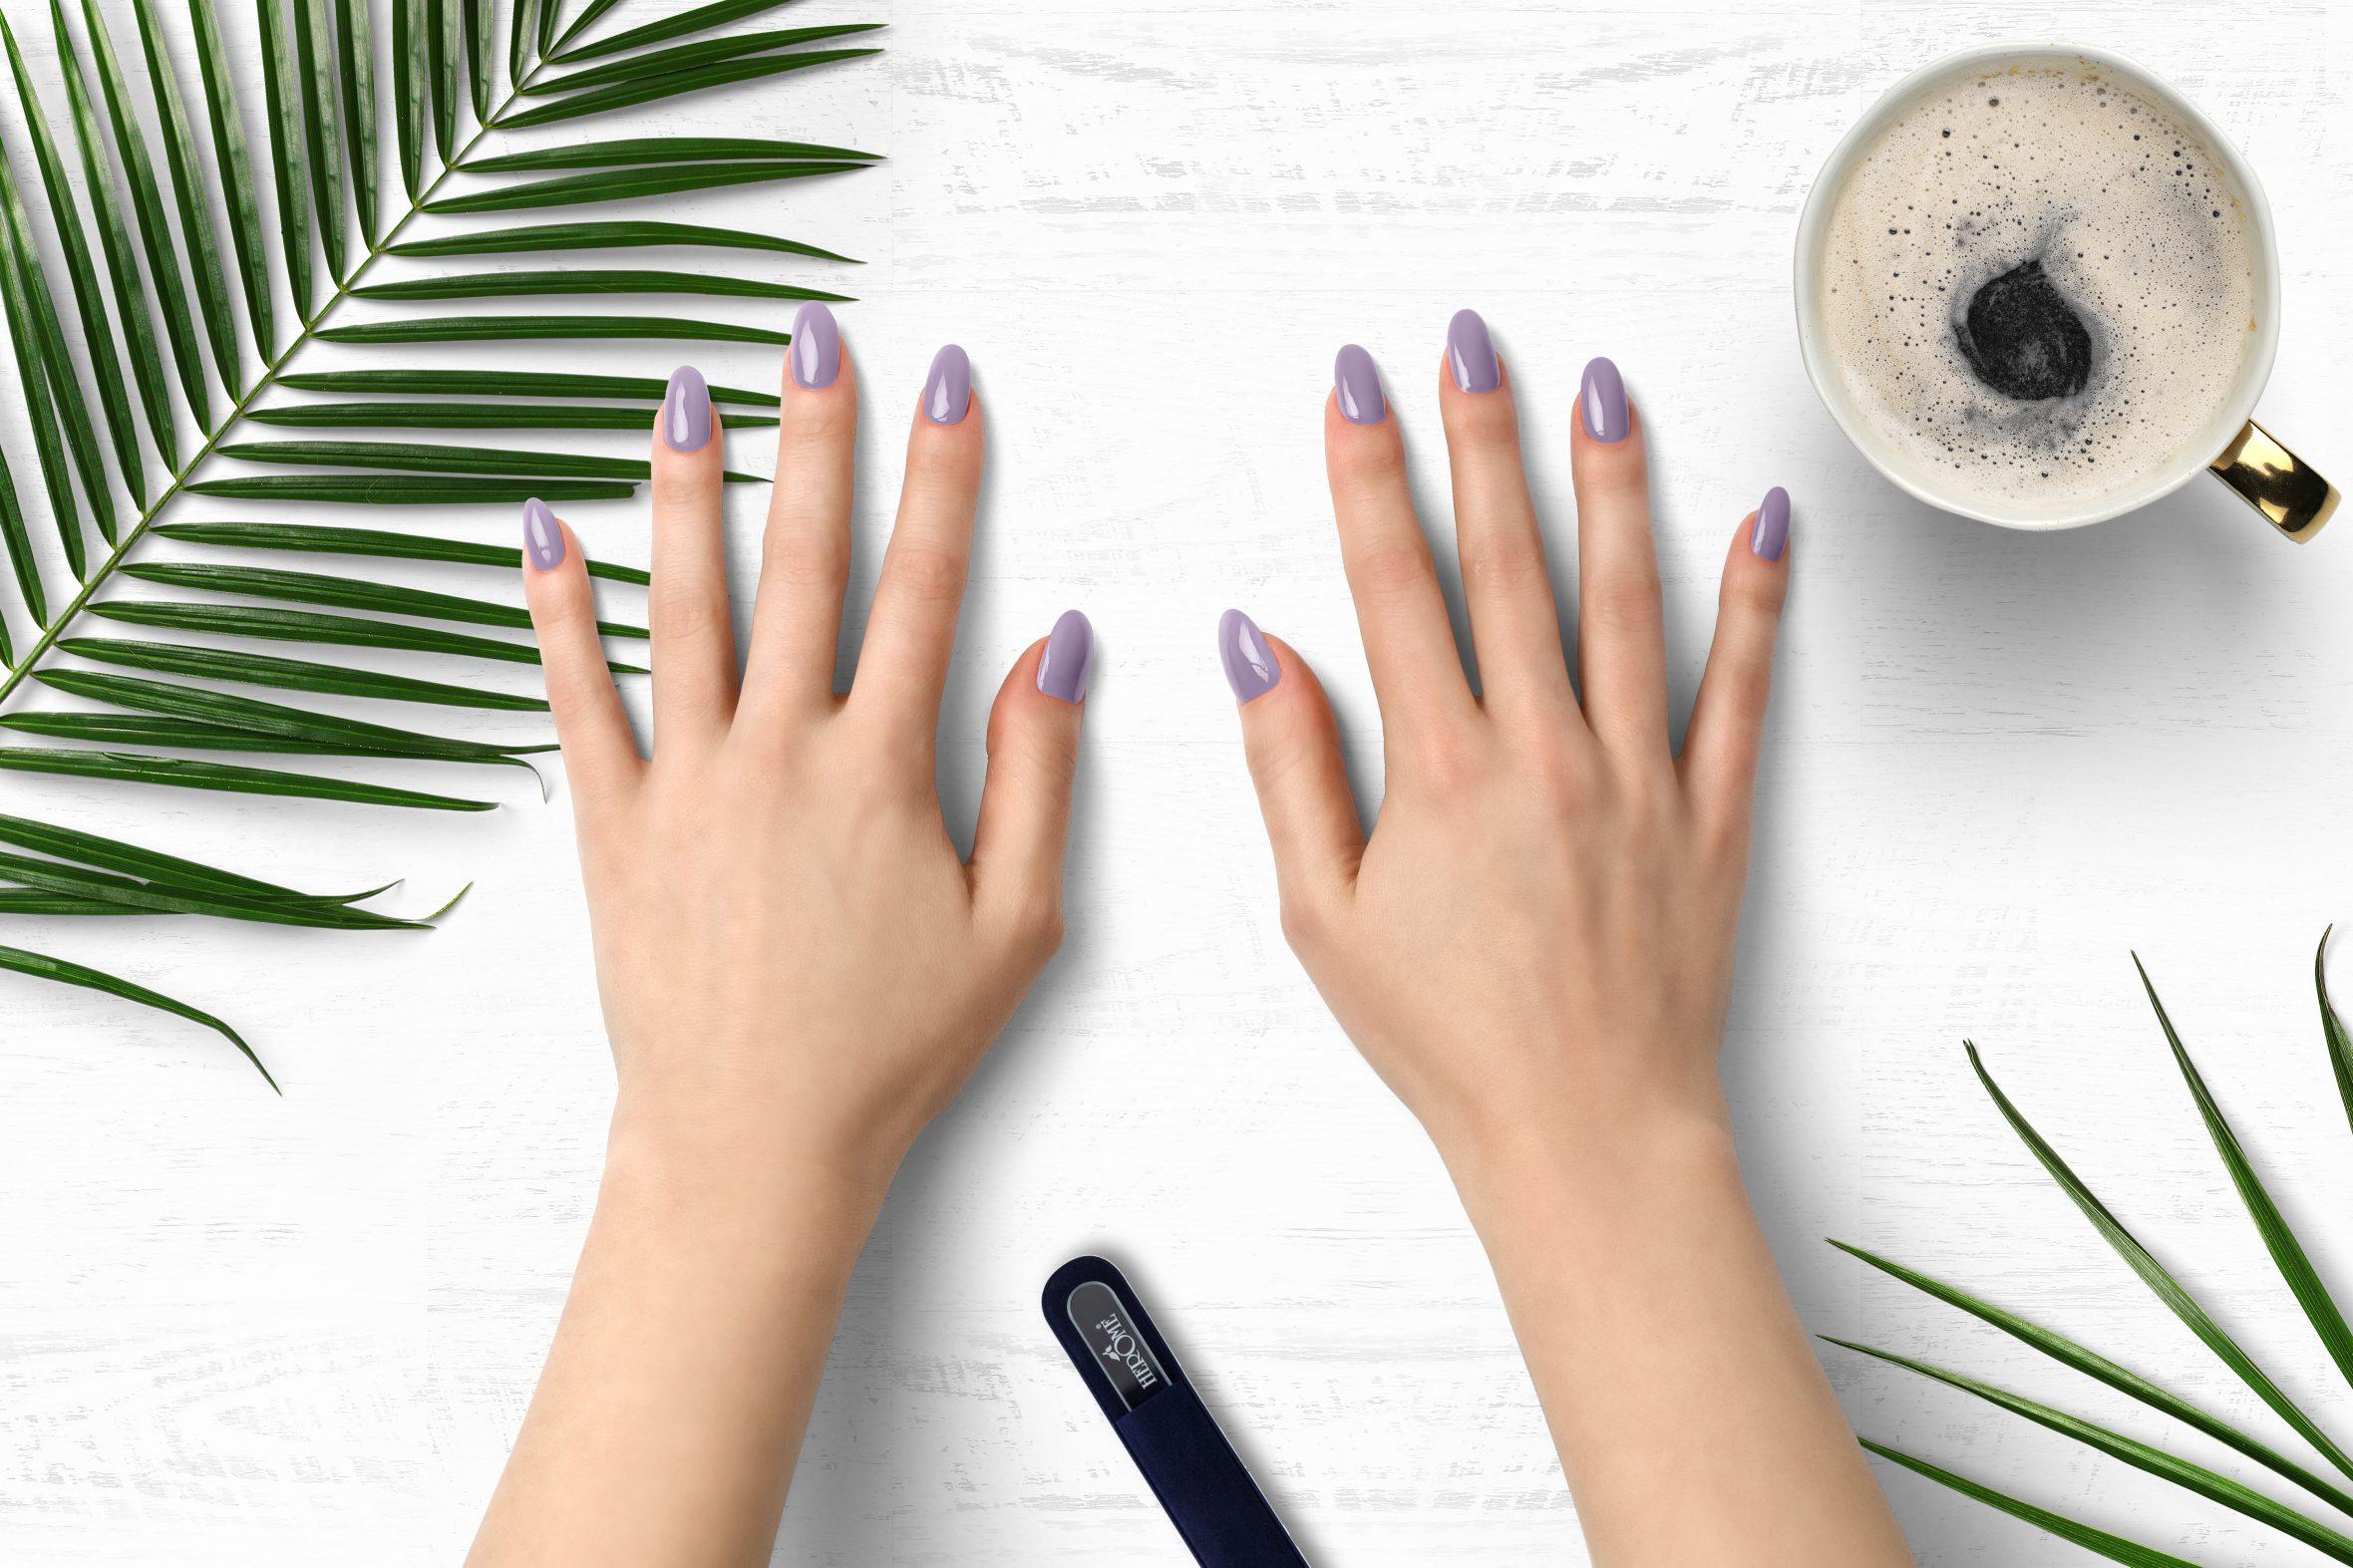 Lila nagellak van Herôme voor lente/zomer manicure